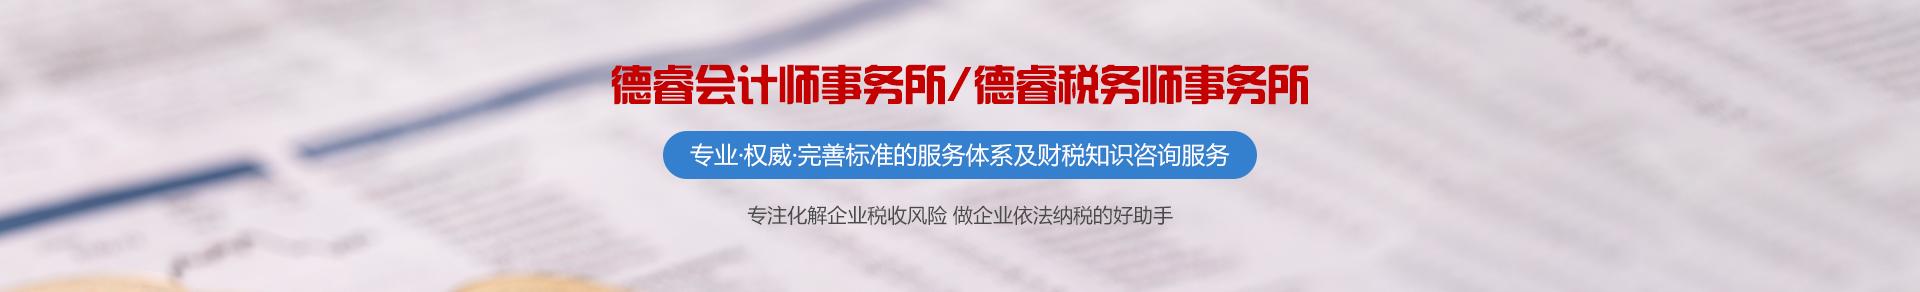 http://www.dgderui.cn/data/images/slide/20190711094937_466.jpg